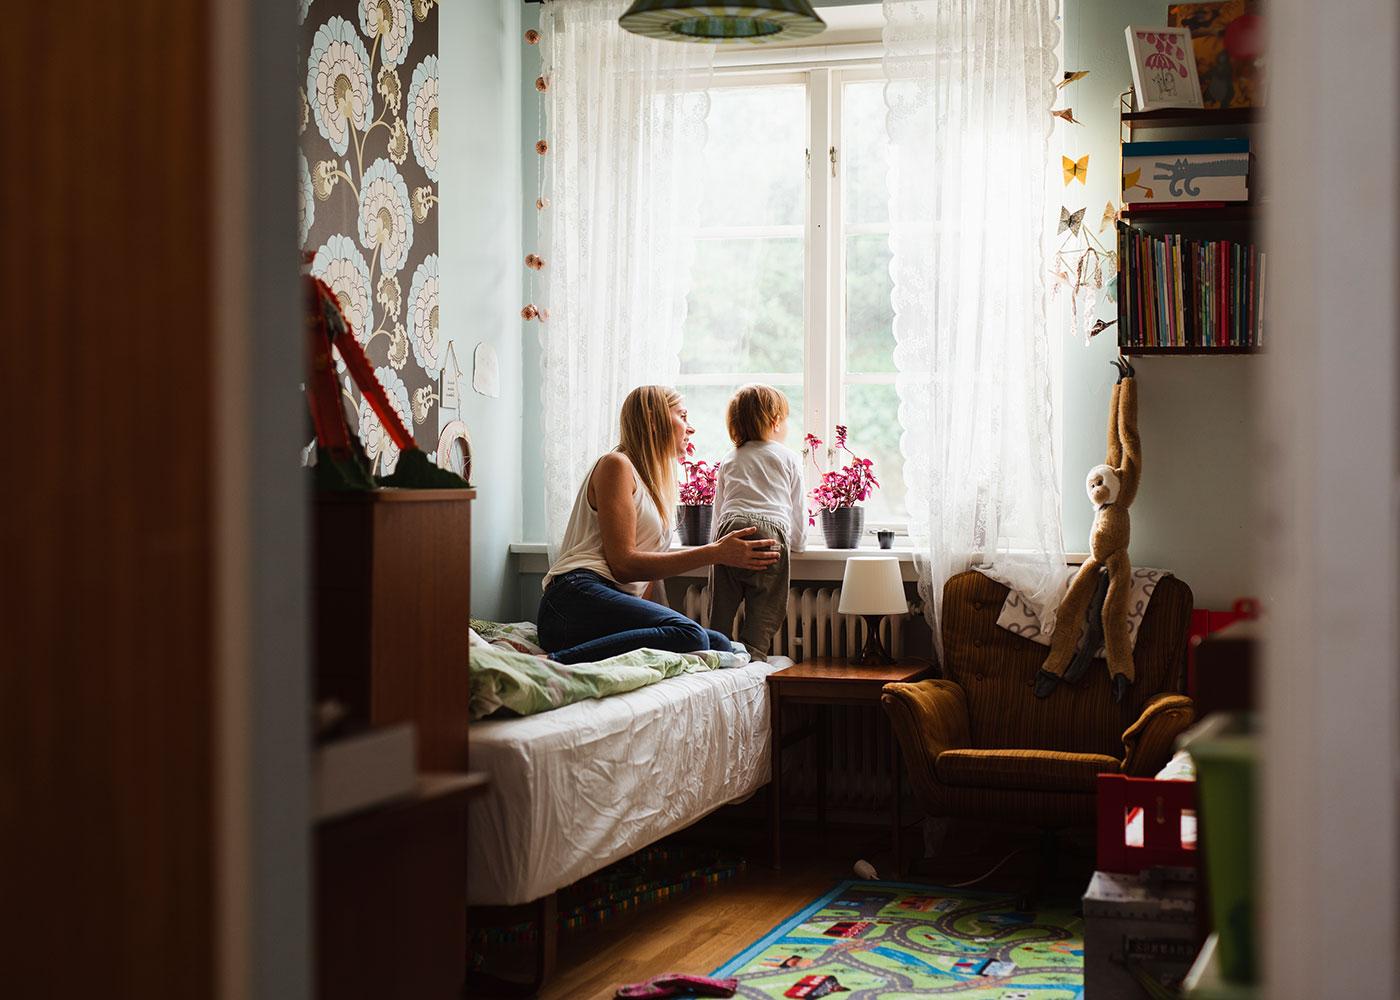 Mamma och son som tittar ut genom fönster. Bild-ID: ima185269